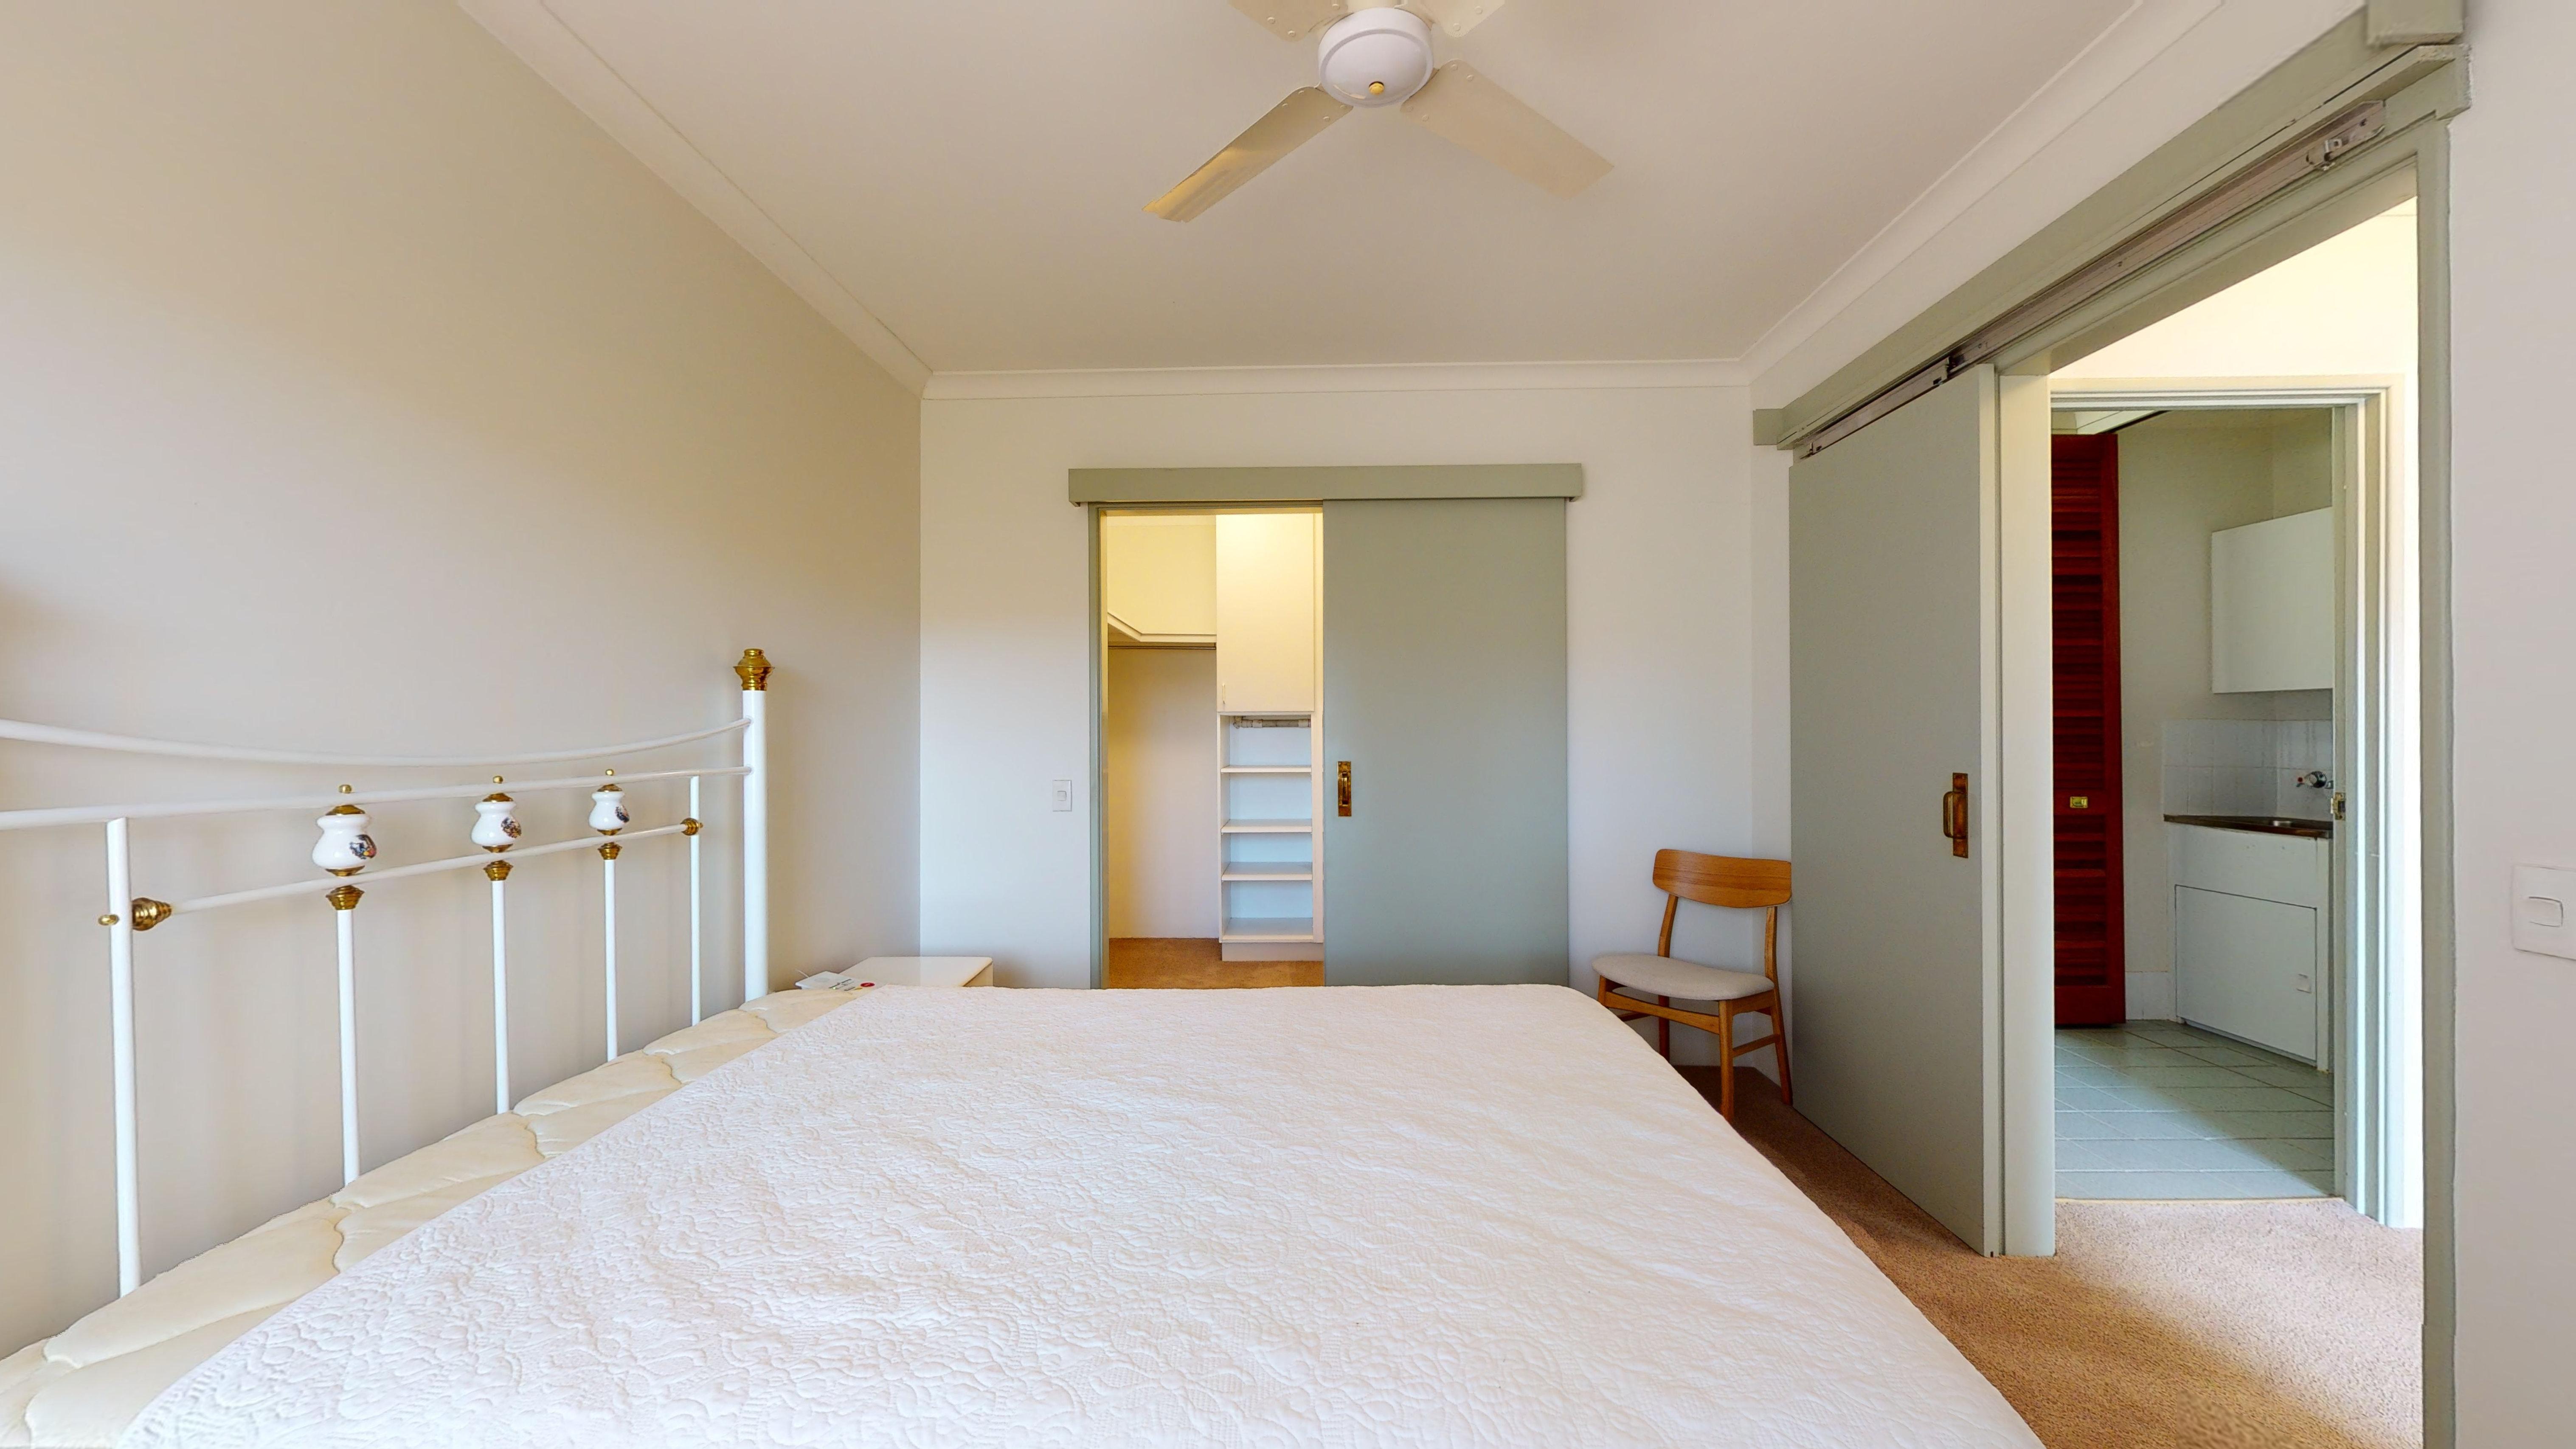 29959155 1622442302 29391 207 177 Dampier Avenue Kallaroo Main Bedroom2